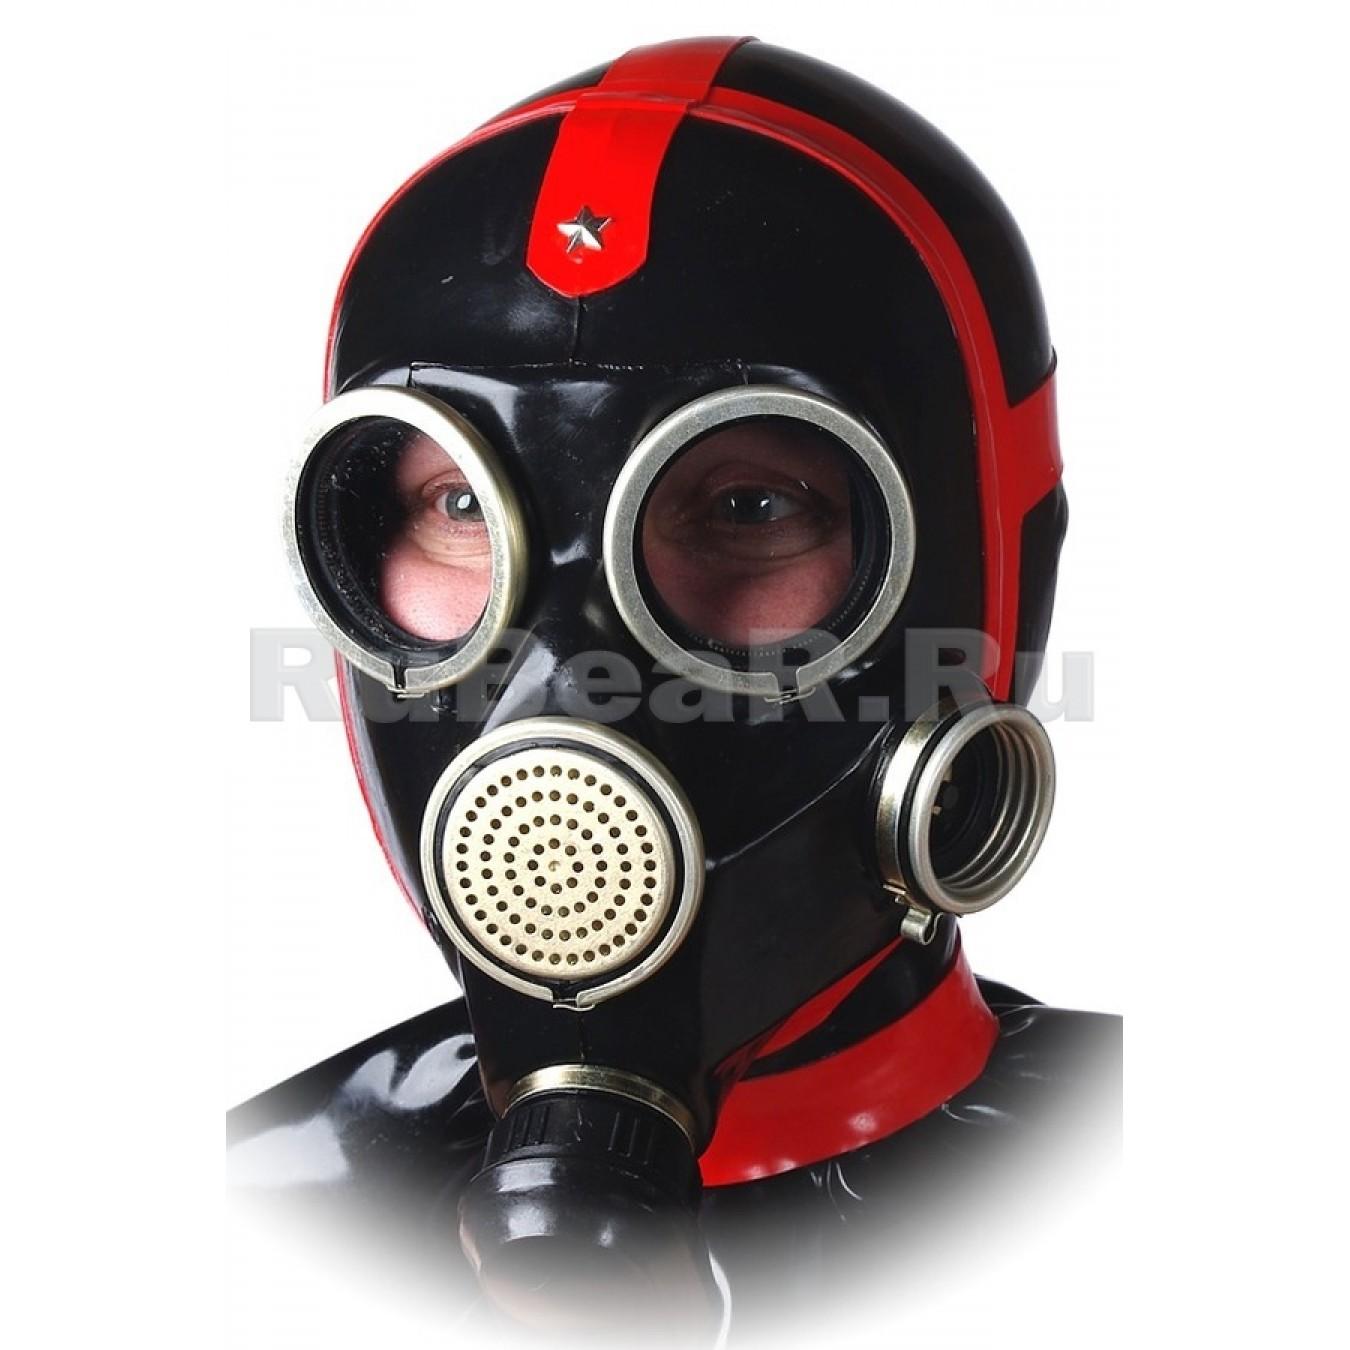 AS9606 Маска от противогаза с приклеенной шеей-капюшоном, воротником палача и контрастными окантовками